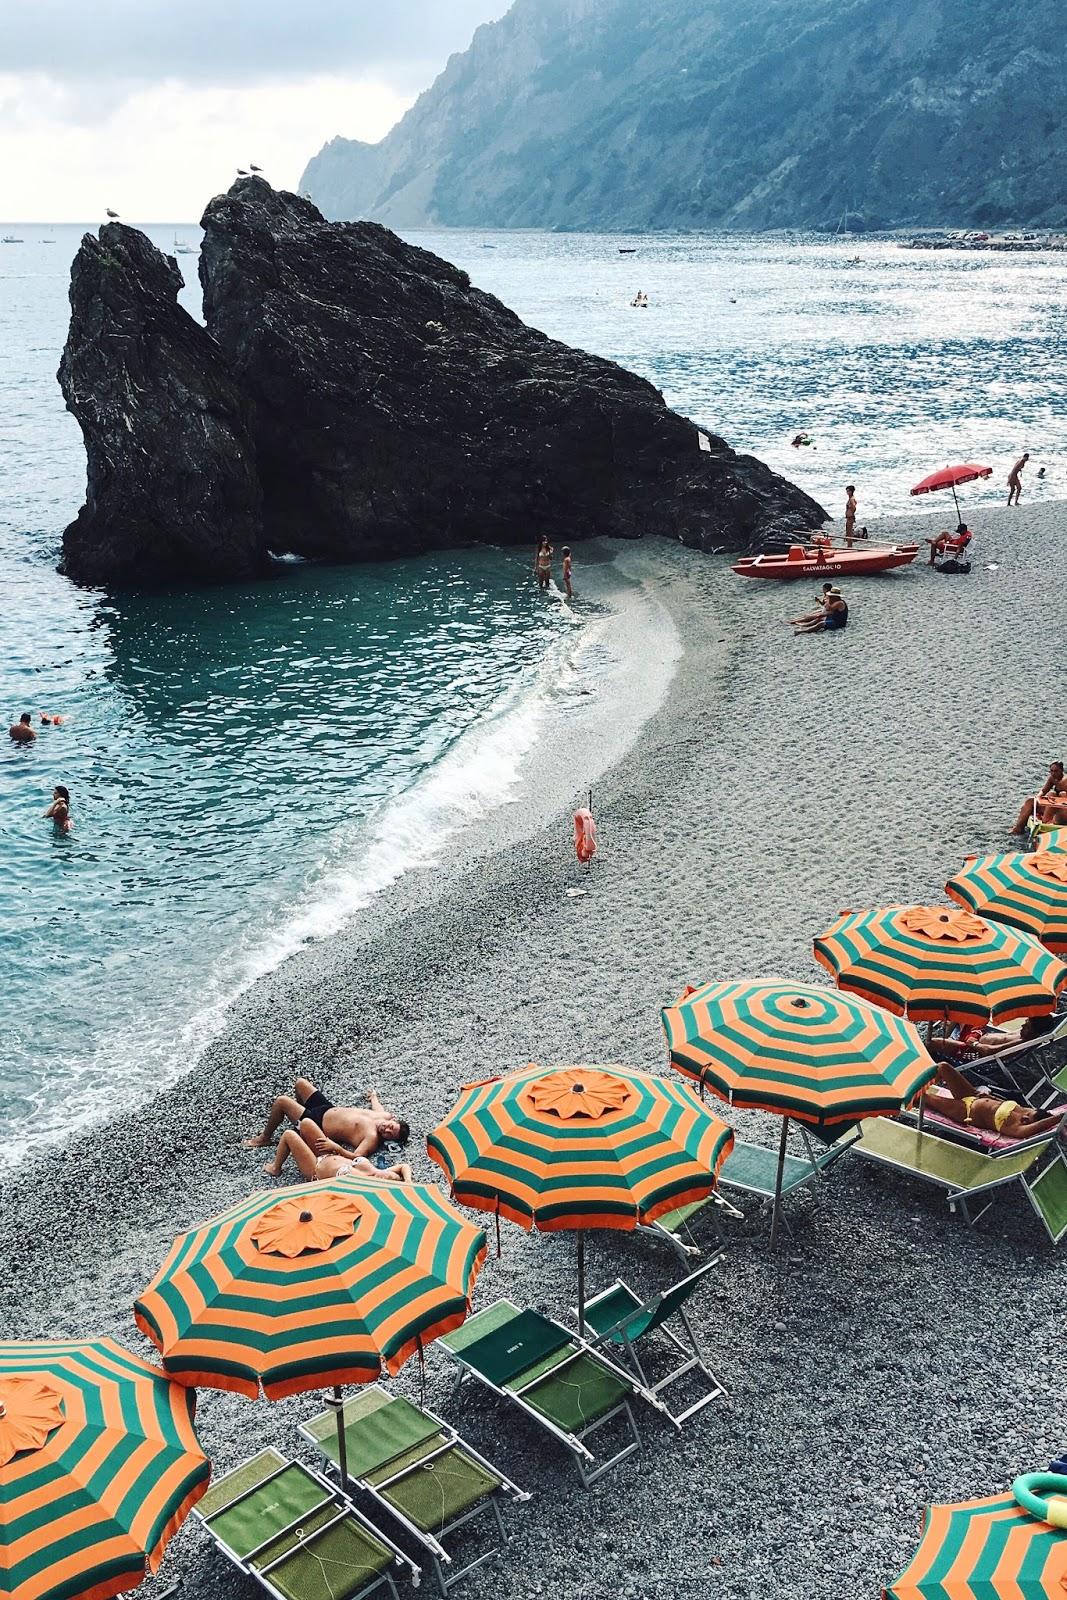 Cinque Terre travel diary Riomaggore Manarola Vernazza Monterosso